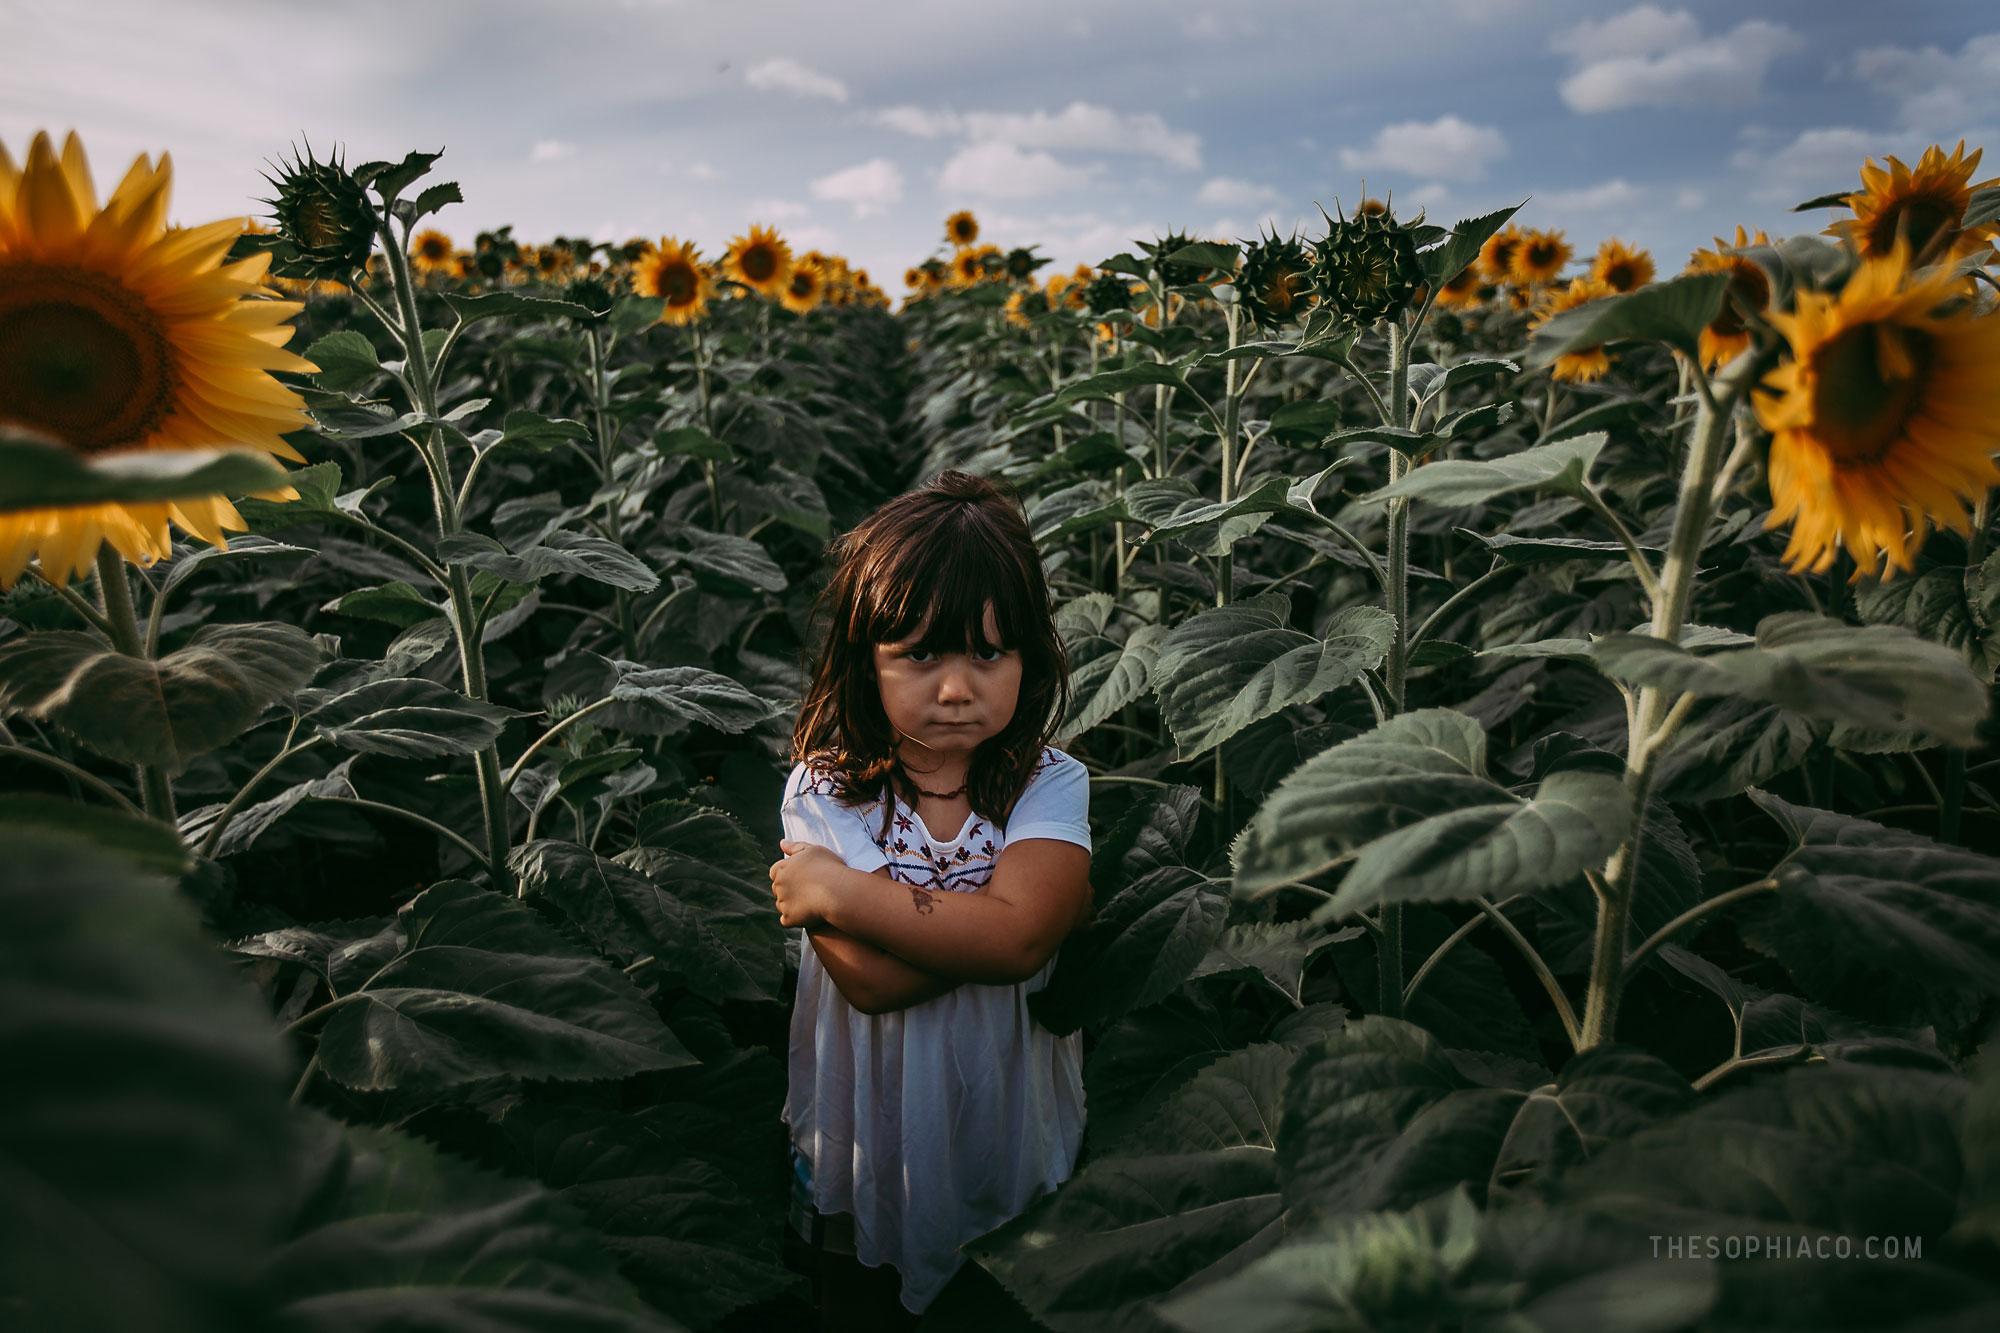 waialua-sunflowers-oahu-family-photography-12.jpg